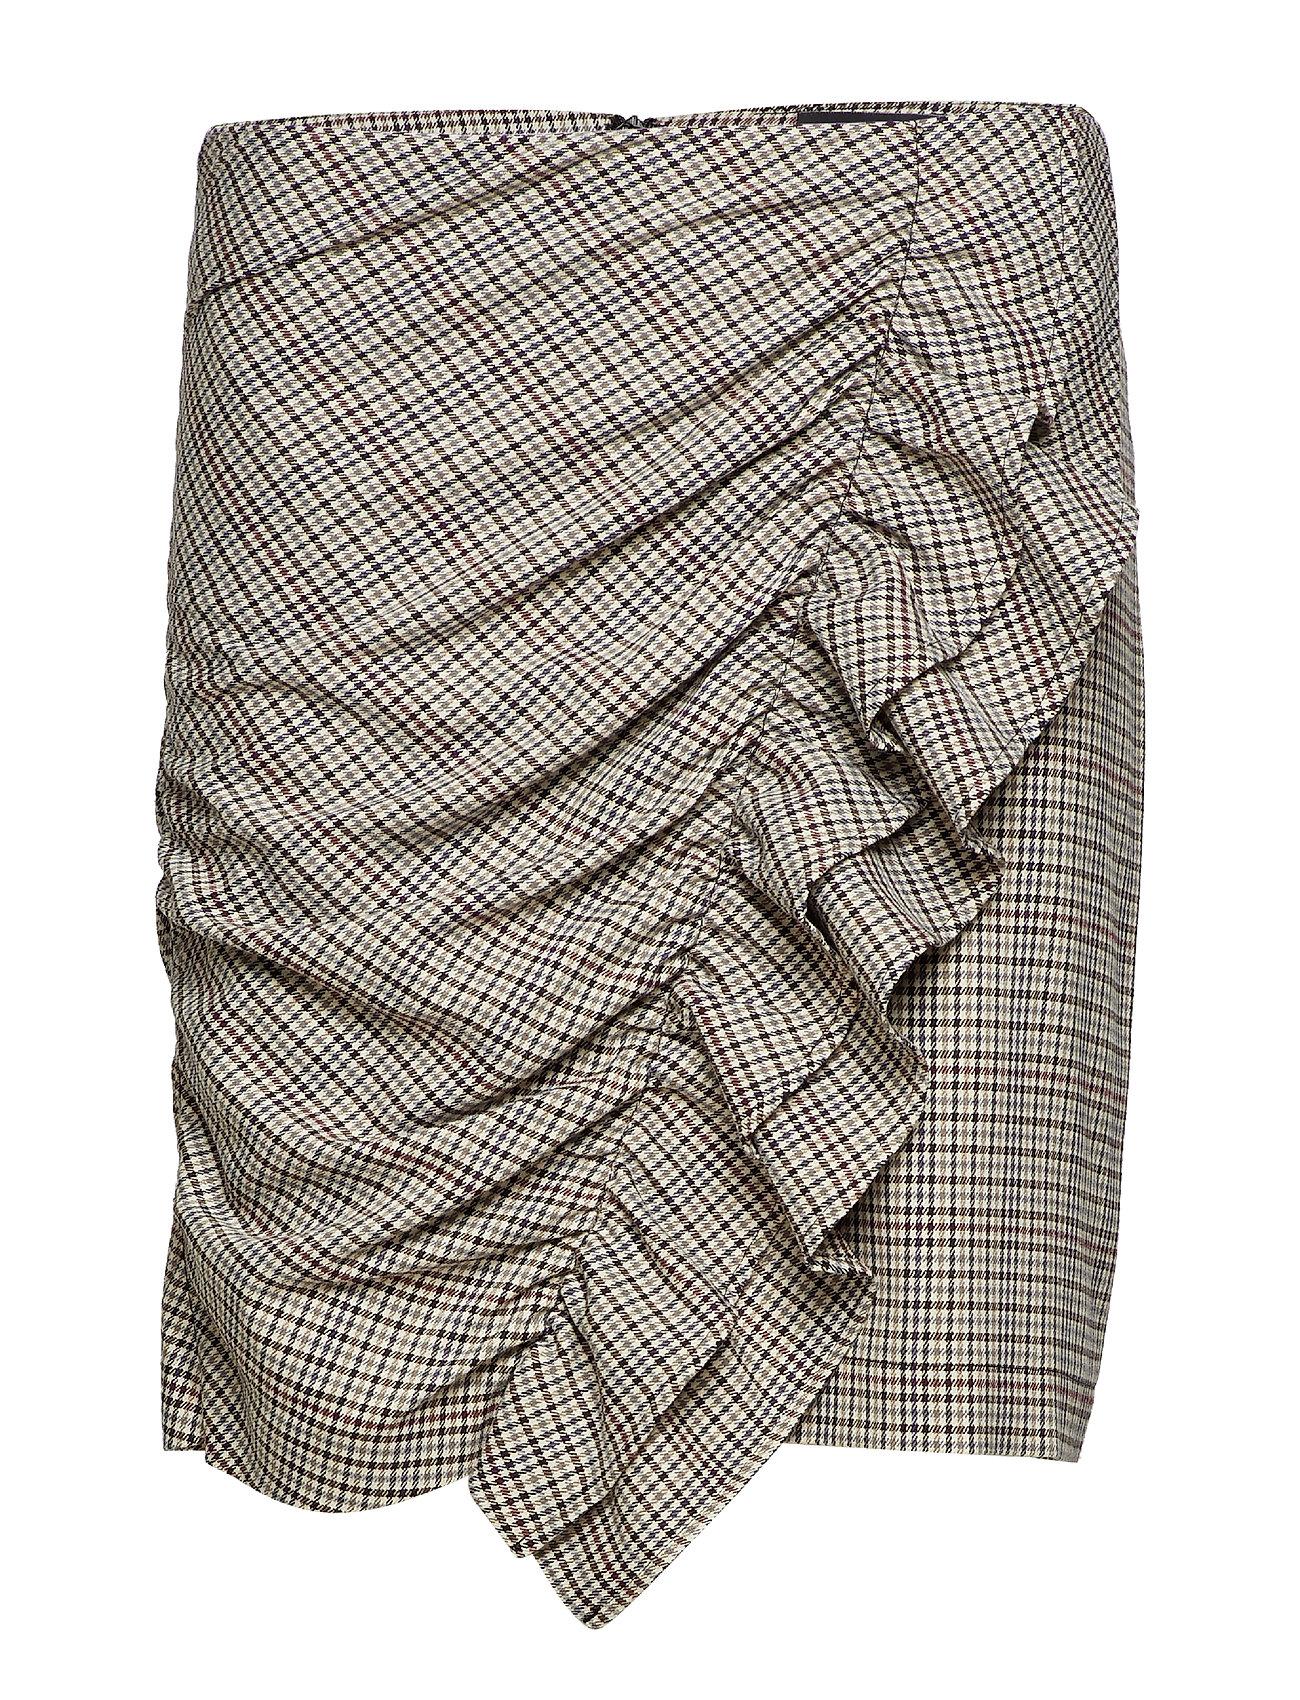 Birgitte Herskind Balco Skirt - CLASSIC CHECK